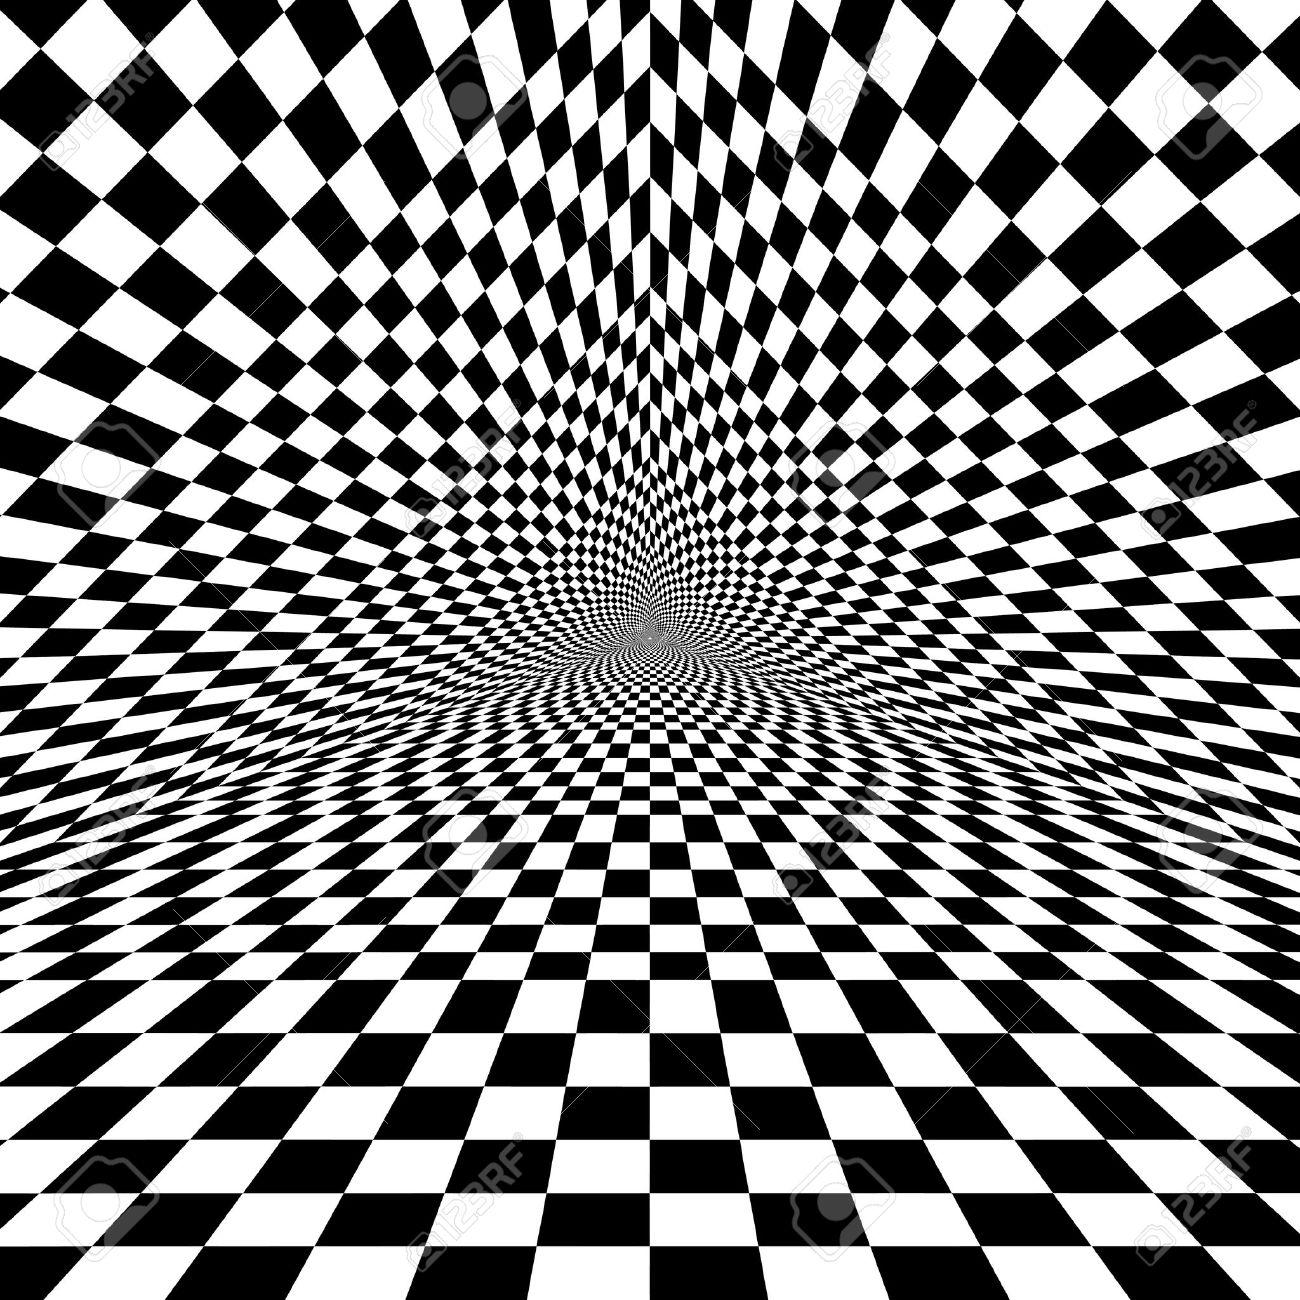 Il mondo invisibile e le sue immagini - Pagina 3 35236547-black-and-white-optical-illusion-triangle-vector-pattern